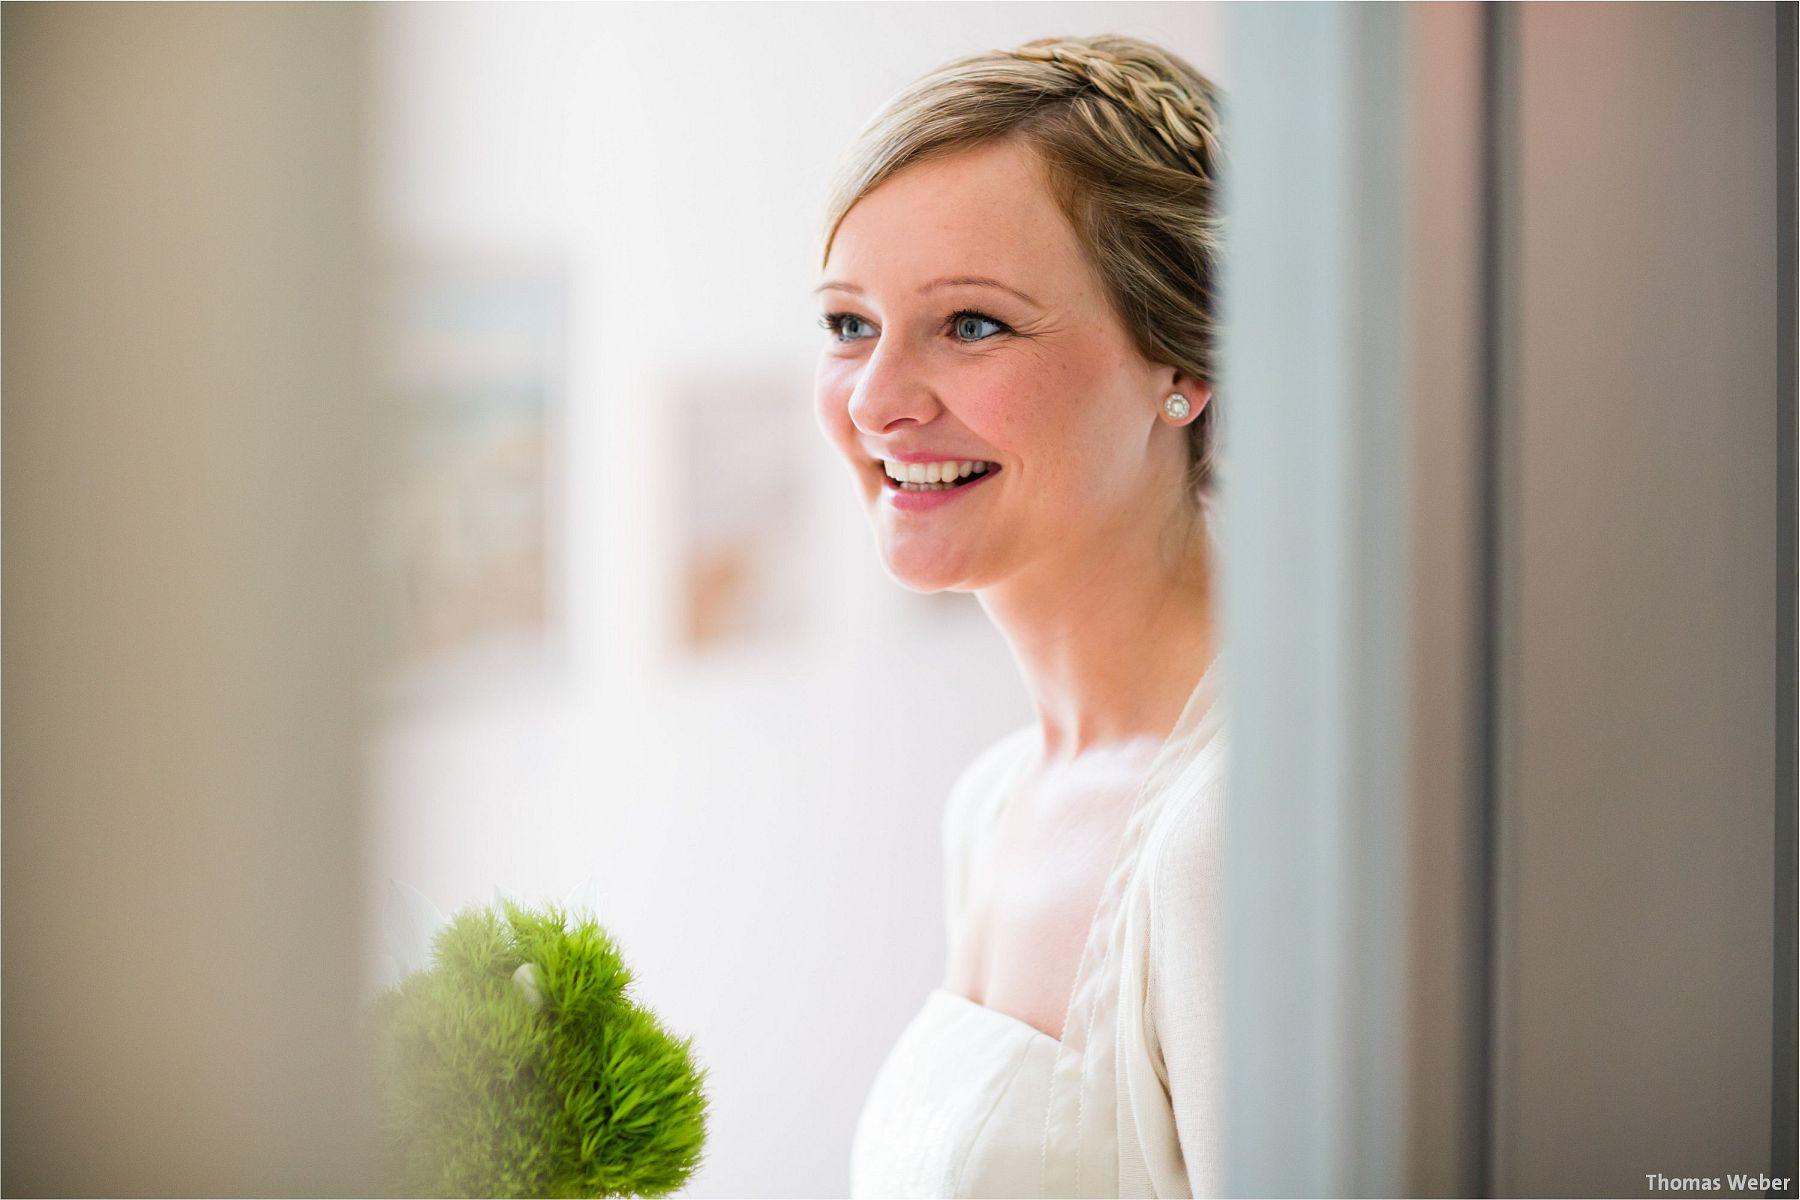 Hochzeitsfotograf Papenburg: Standesamtliche Trauung auf der Burg Kniphausen und Feier im Le Patron am Meer (3)